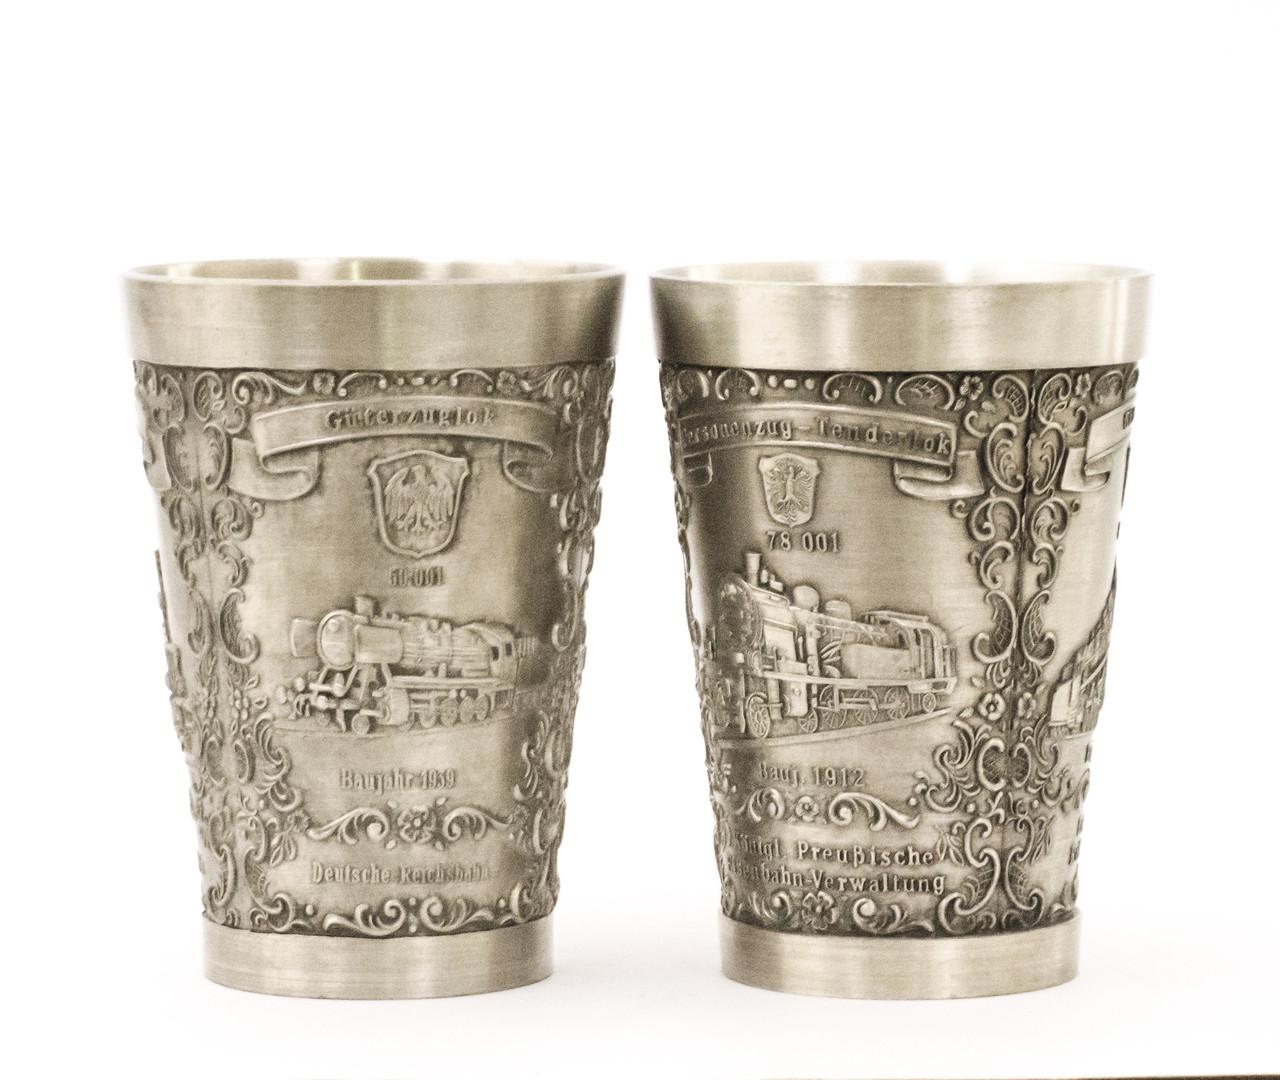 Два винных оловянных бокала, Германия, олово, 150 мл